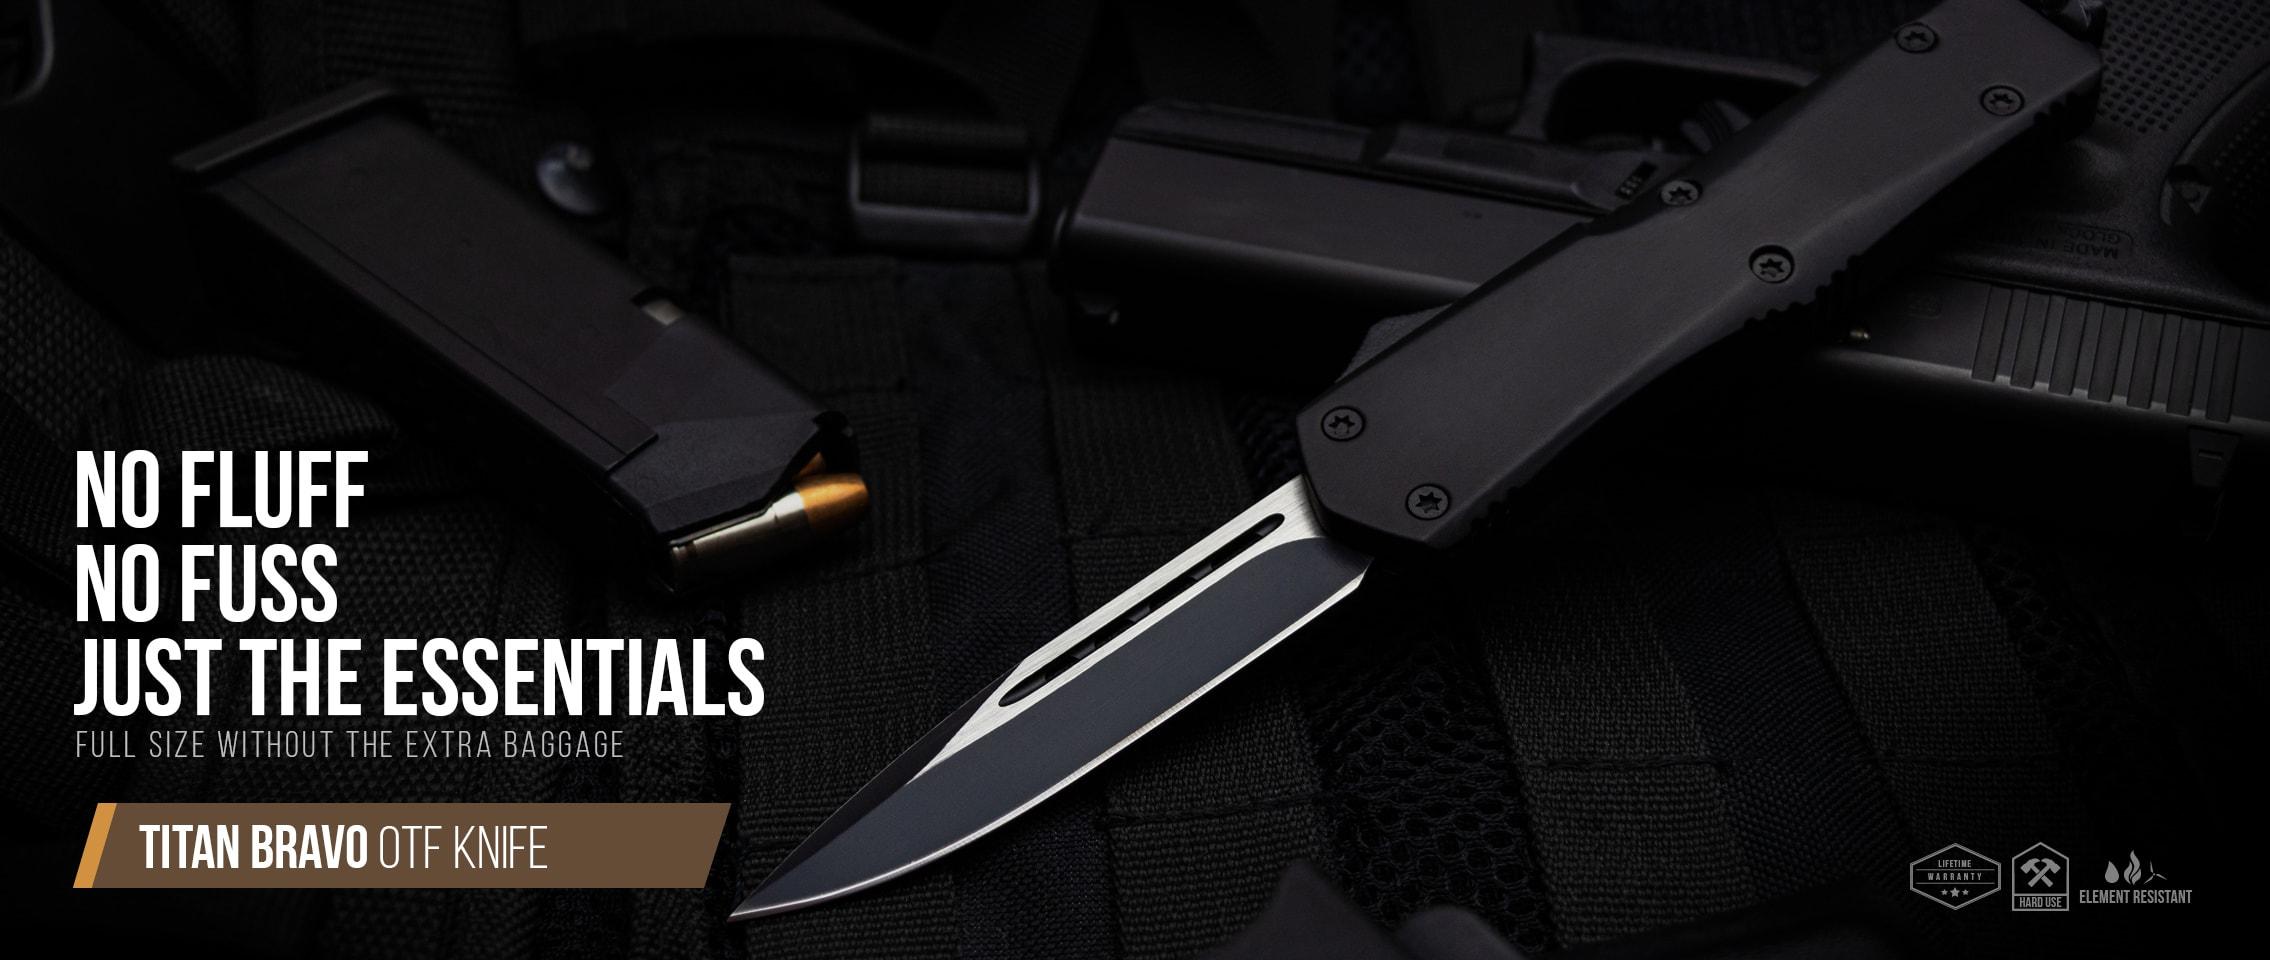 TItan Bravo OTF Knife